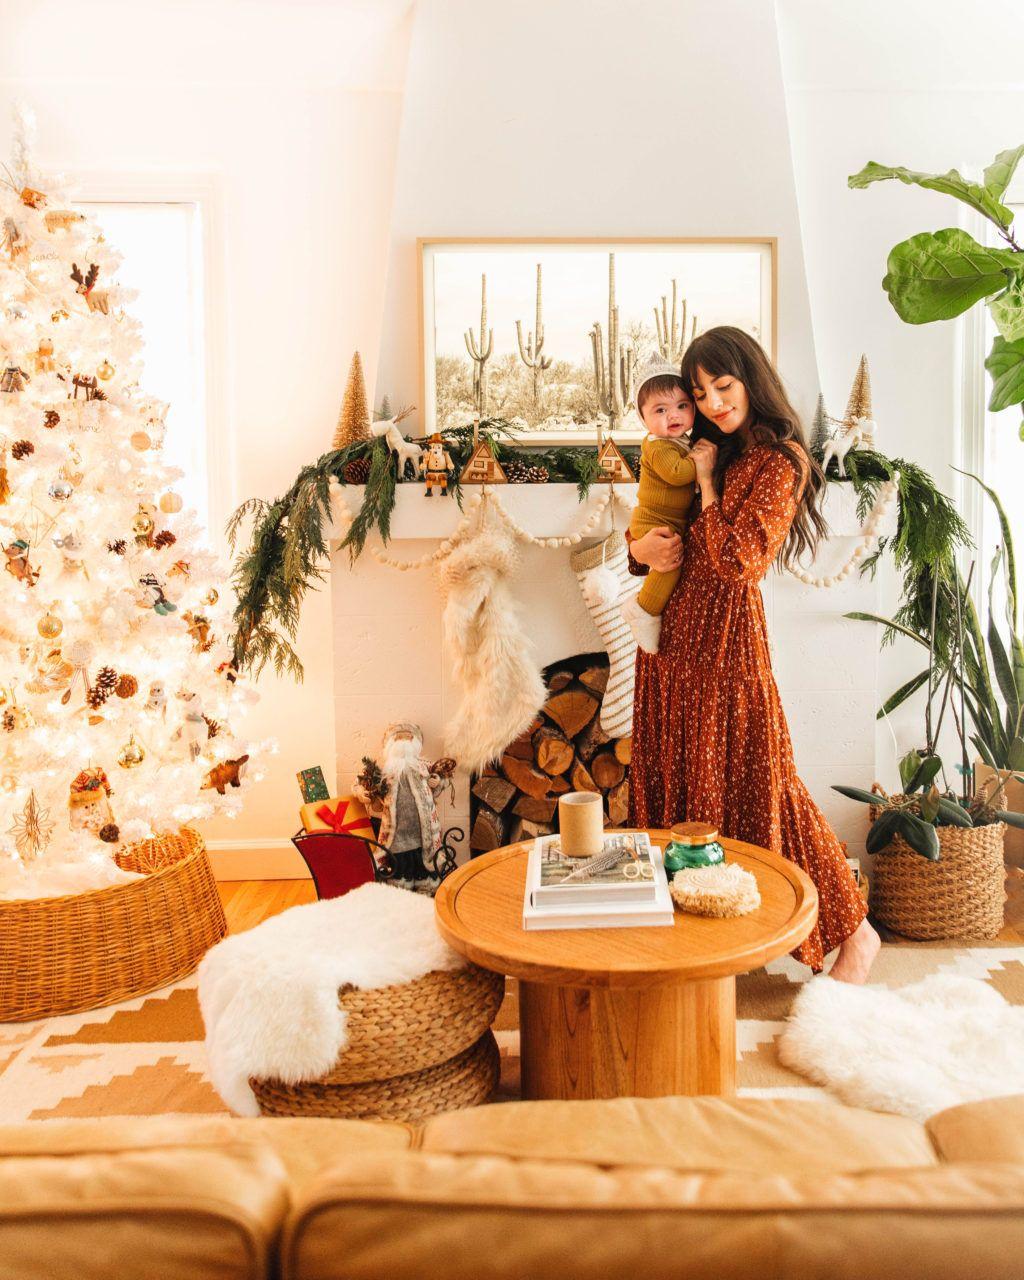 Neutral Holiday Decor Neutral Holiday Decor Holiday Decor Christmas Green Decor